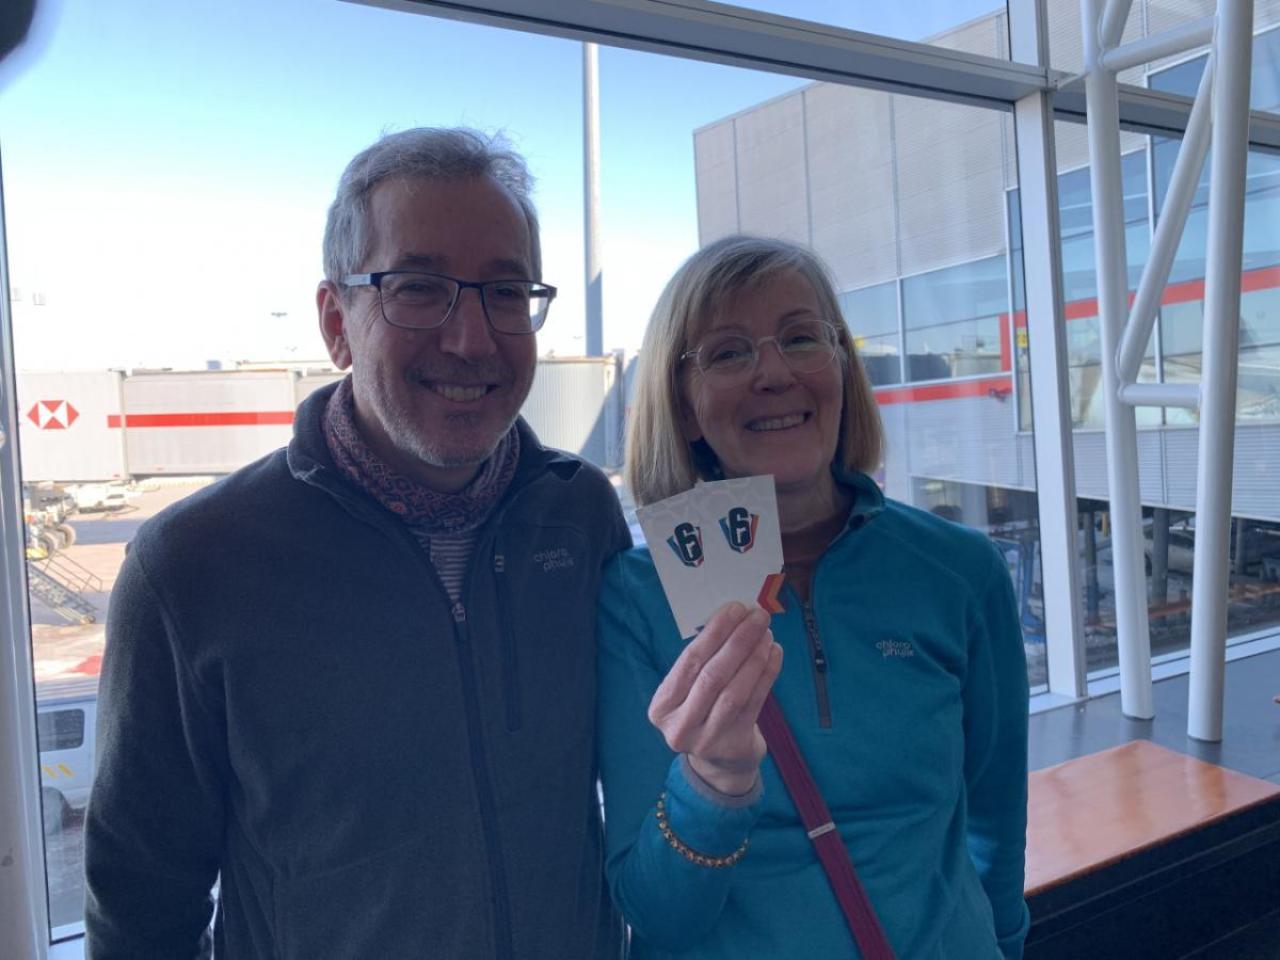 モントリオールの空港で知り合ったご夫婦。定年して世界旅行の日々だという。(シージは知らないらしい)